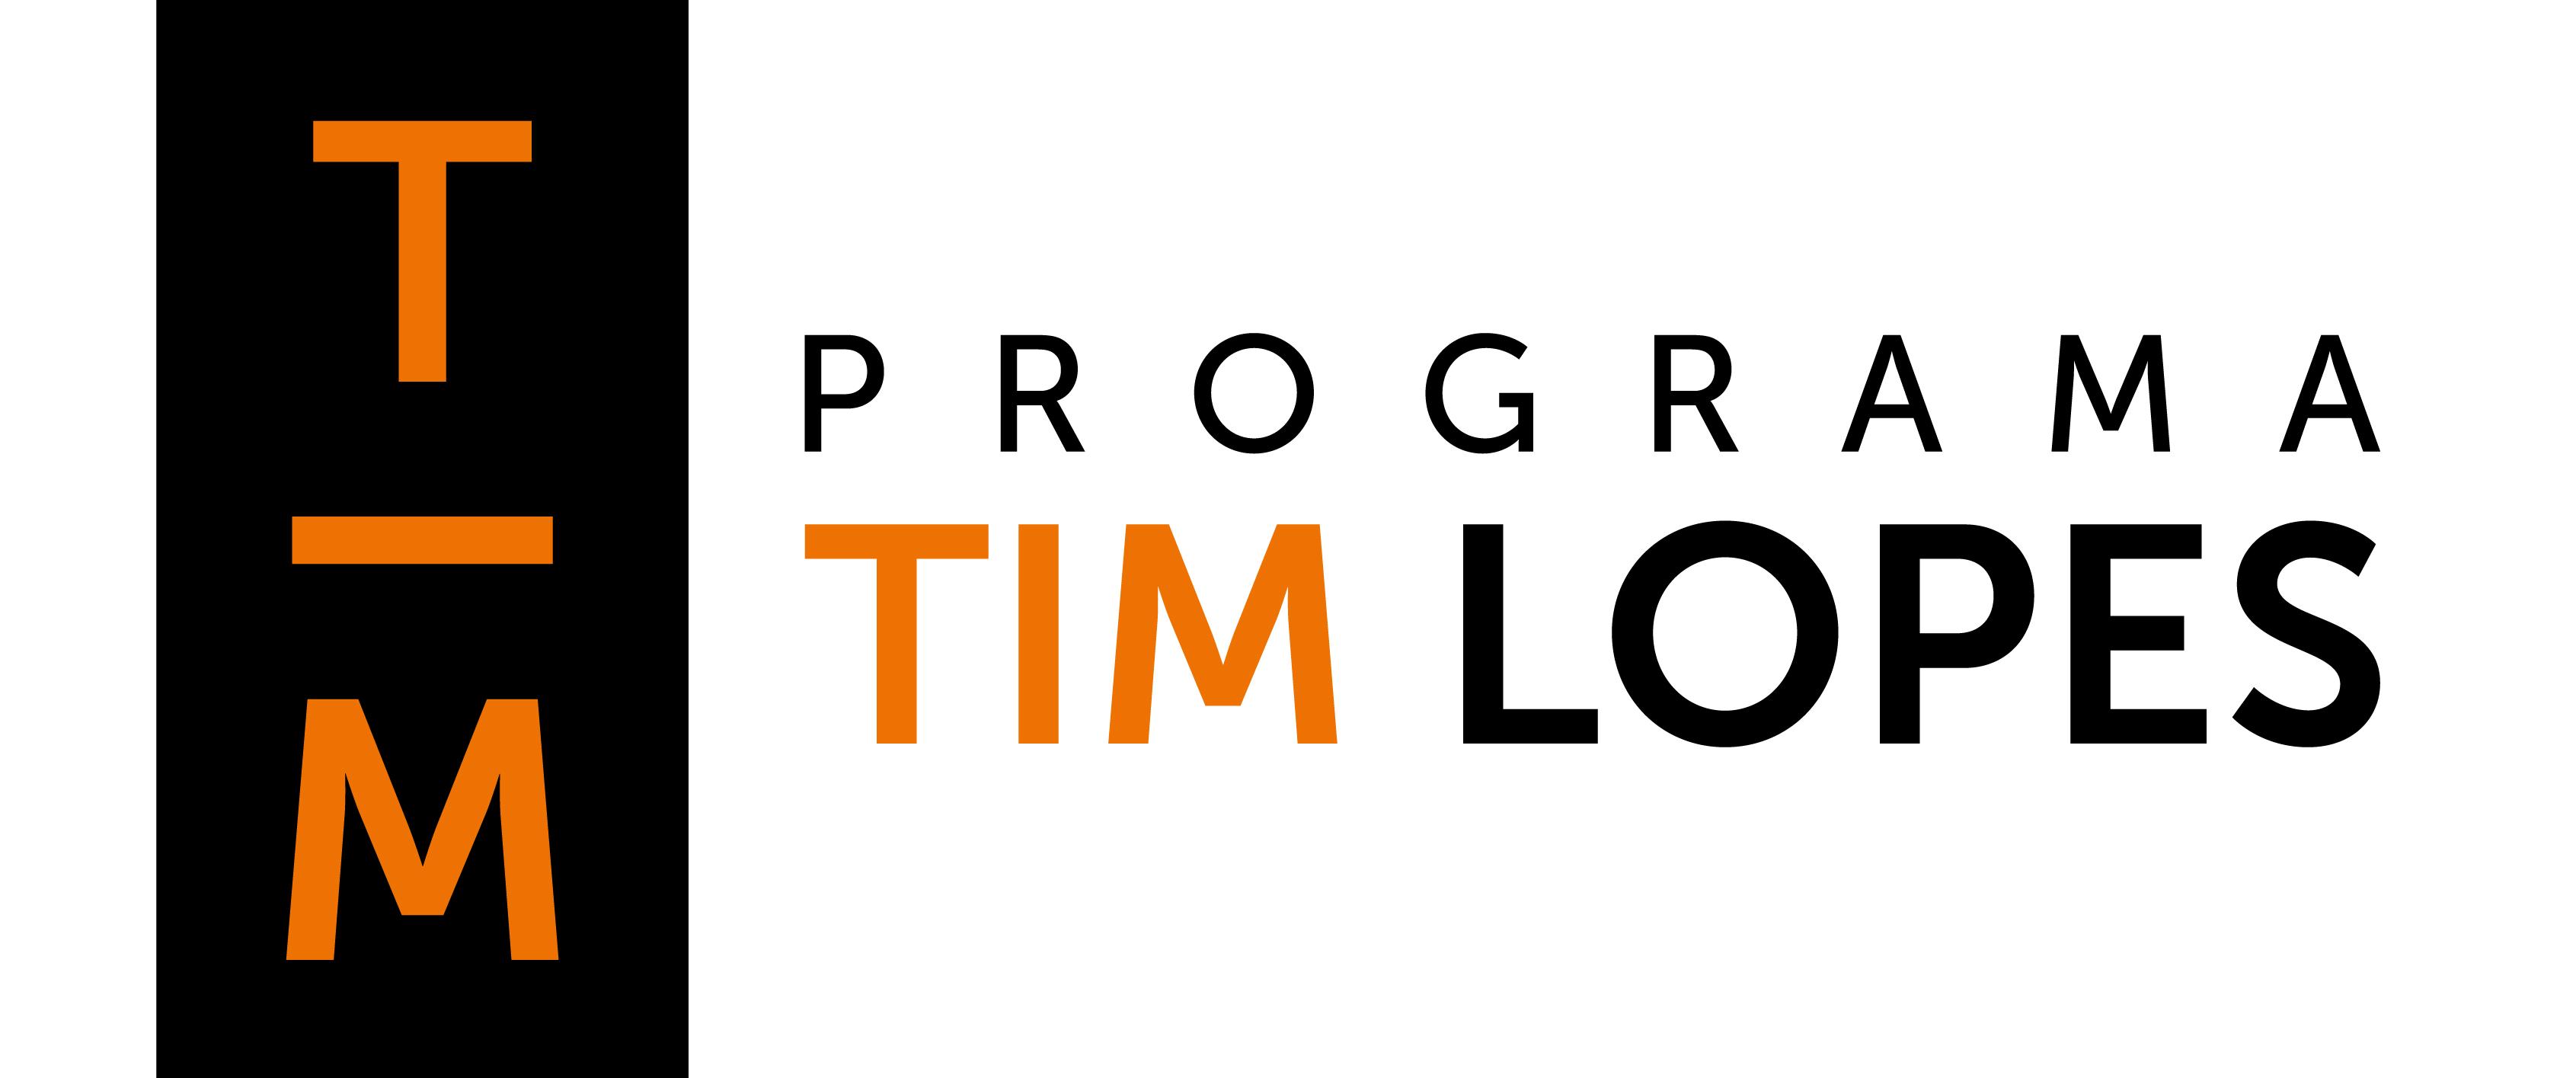 Programa Tim Lopes, da Abraji, investiga segundo caso como parte de campanha contra impunidade em assassinatos de jornalistas